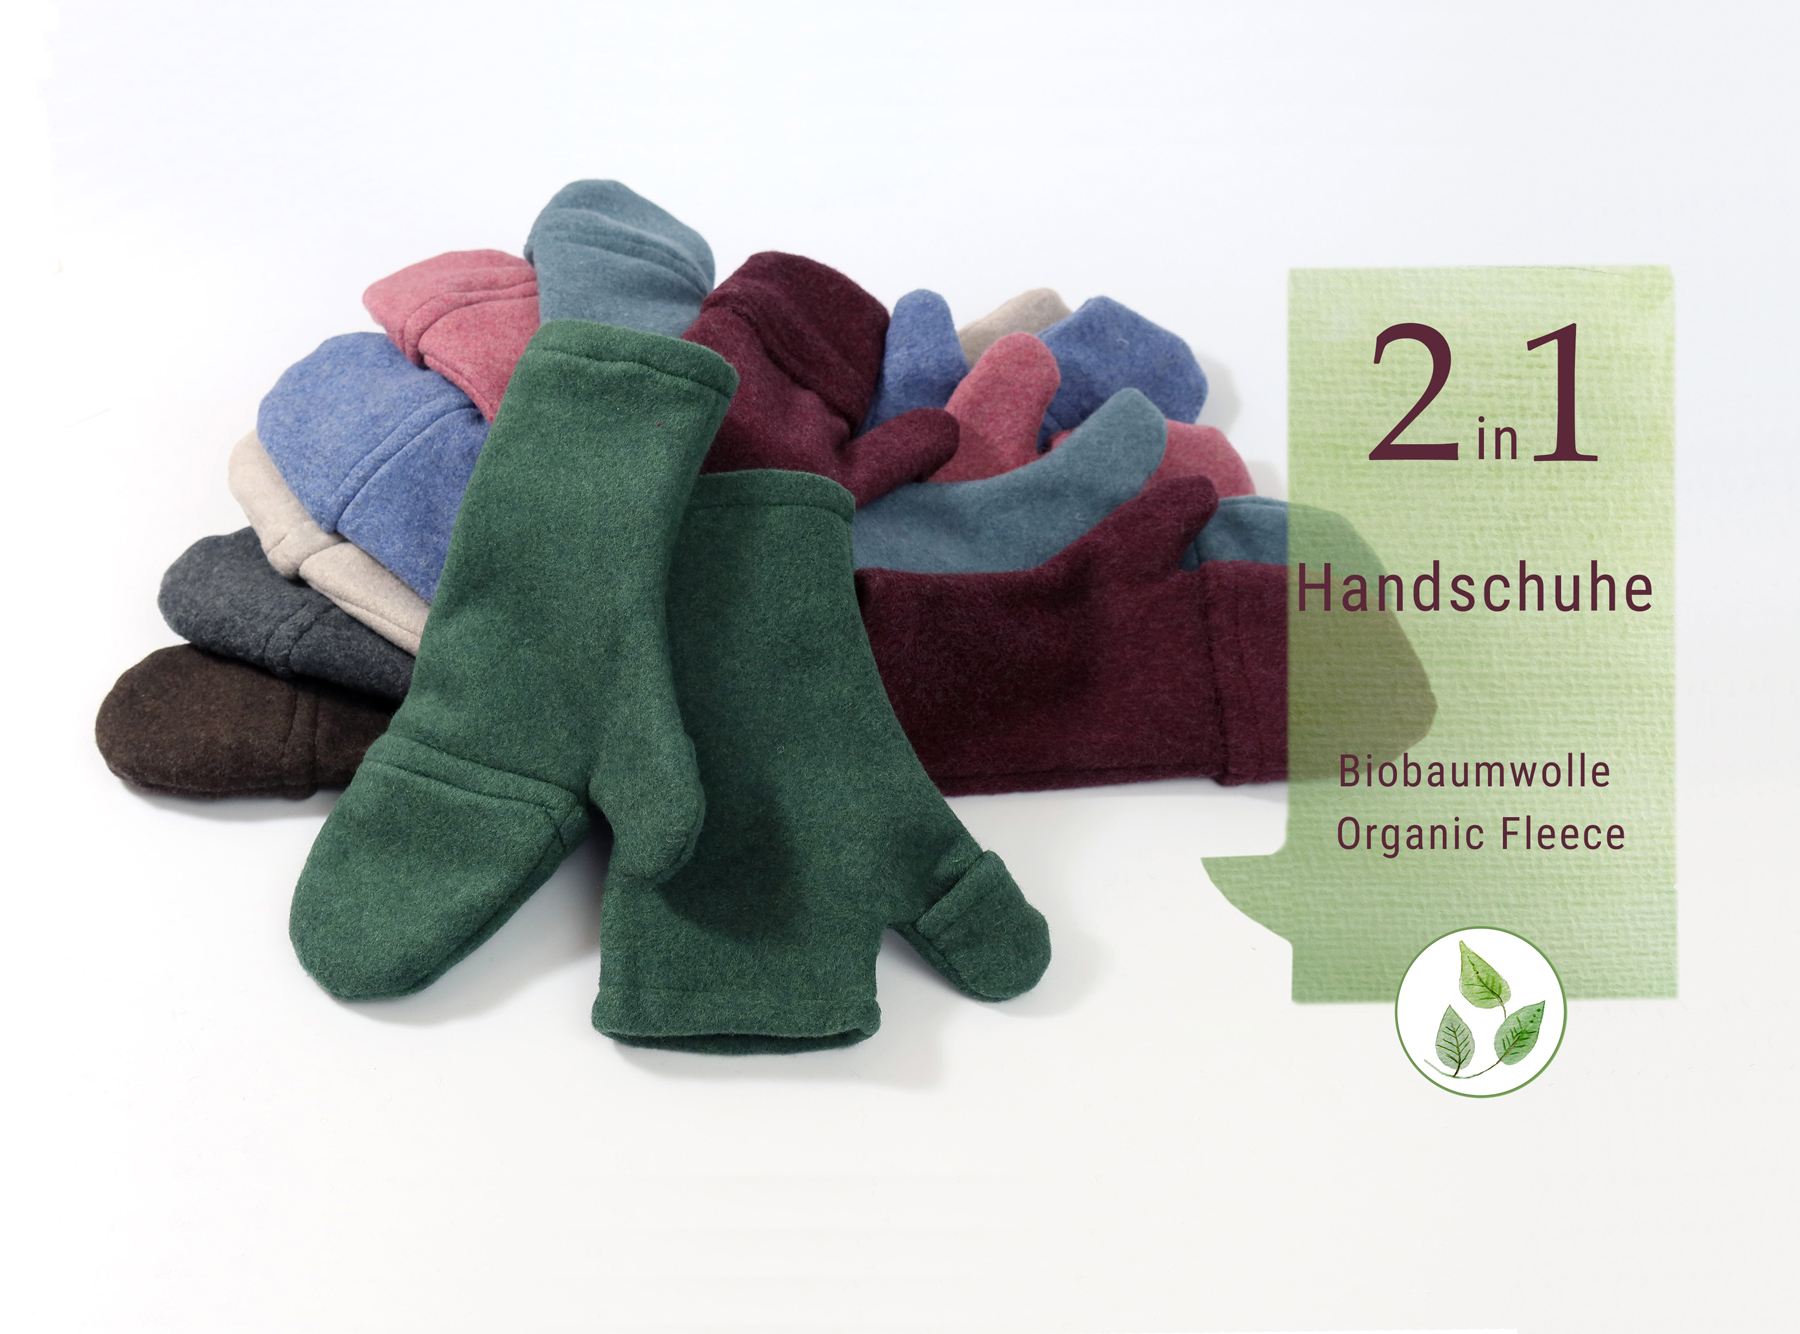 2 in 1 Handschuhe mit Kappen aus Biobaumwolle in M und L aus eigener Werkstatt